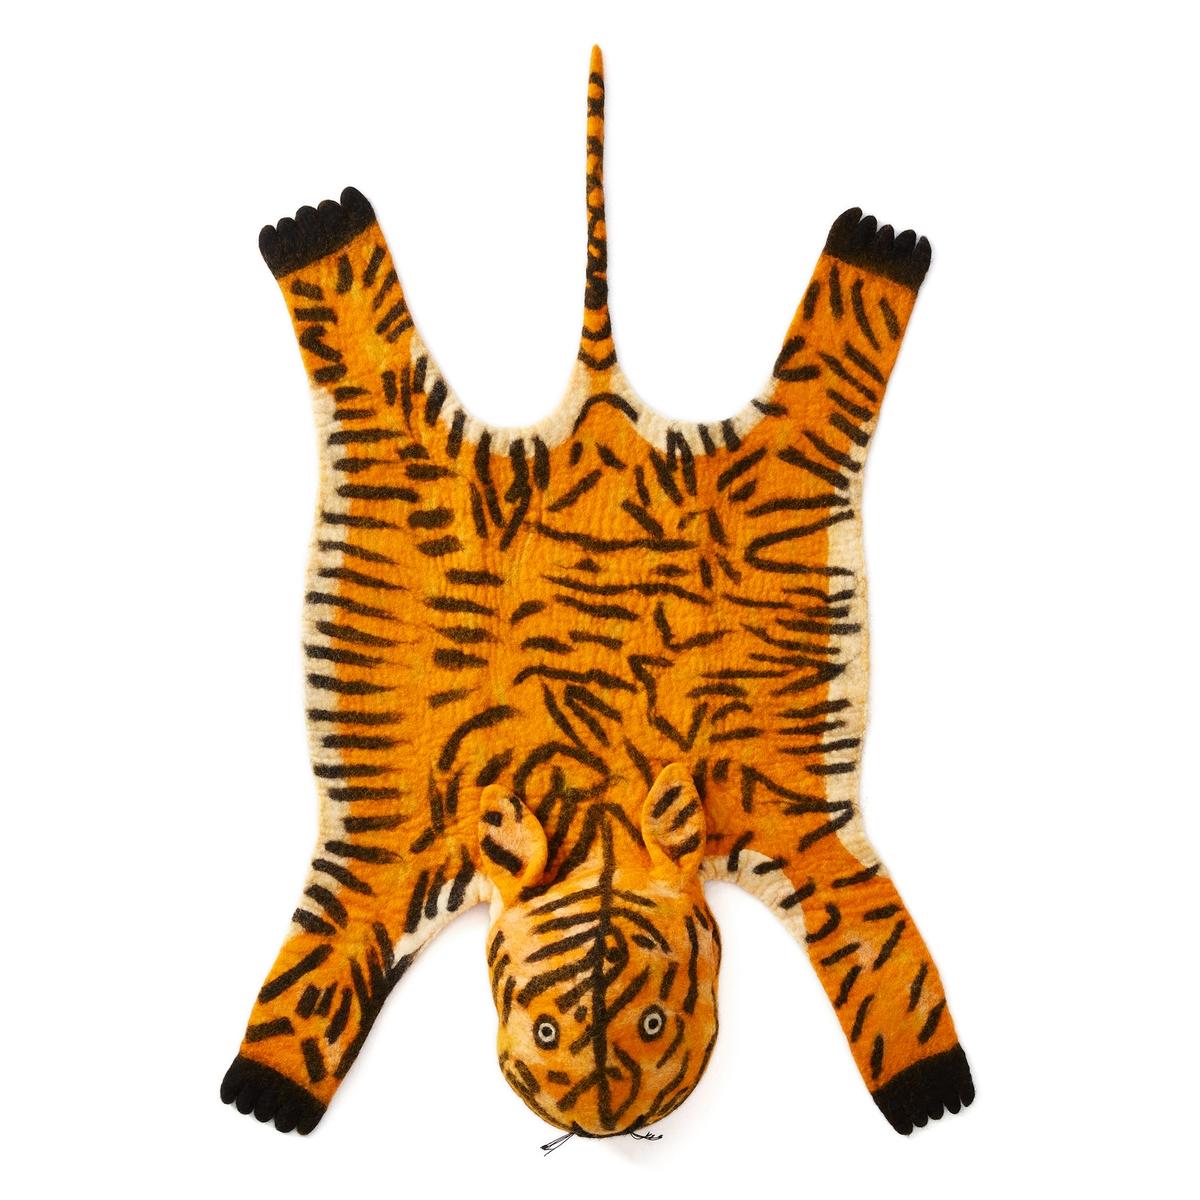 Ковер в форме шкуры тигра SaskiaКовер Saskia. Оригинальный и забавный ковер идеально впишется в интерьер детской комнаты! 100% шерсть. Вес : 1000 г/м?. Толщина ворса : 30 - 35 мм. Размер : ширина 60 x длина 110 см.<br><br>Цвет: оранжевый